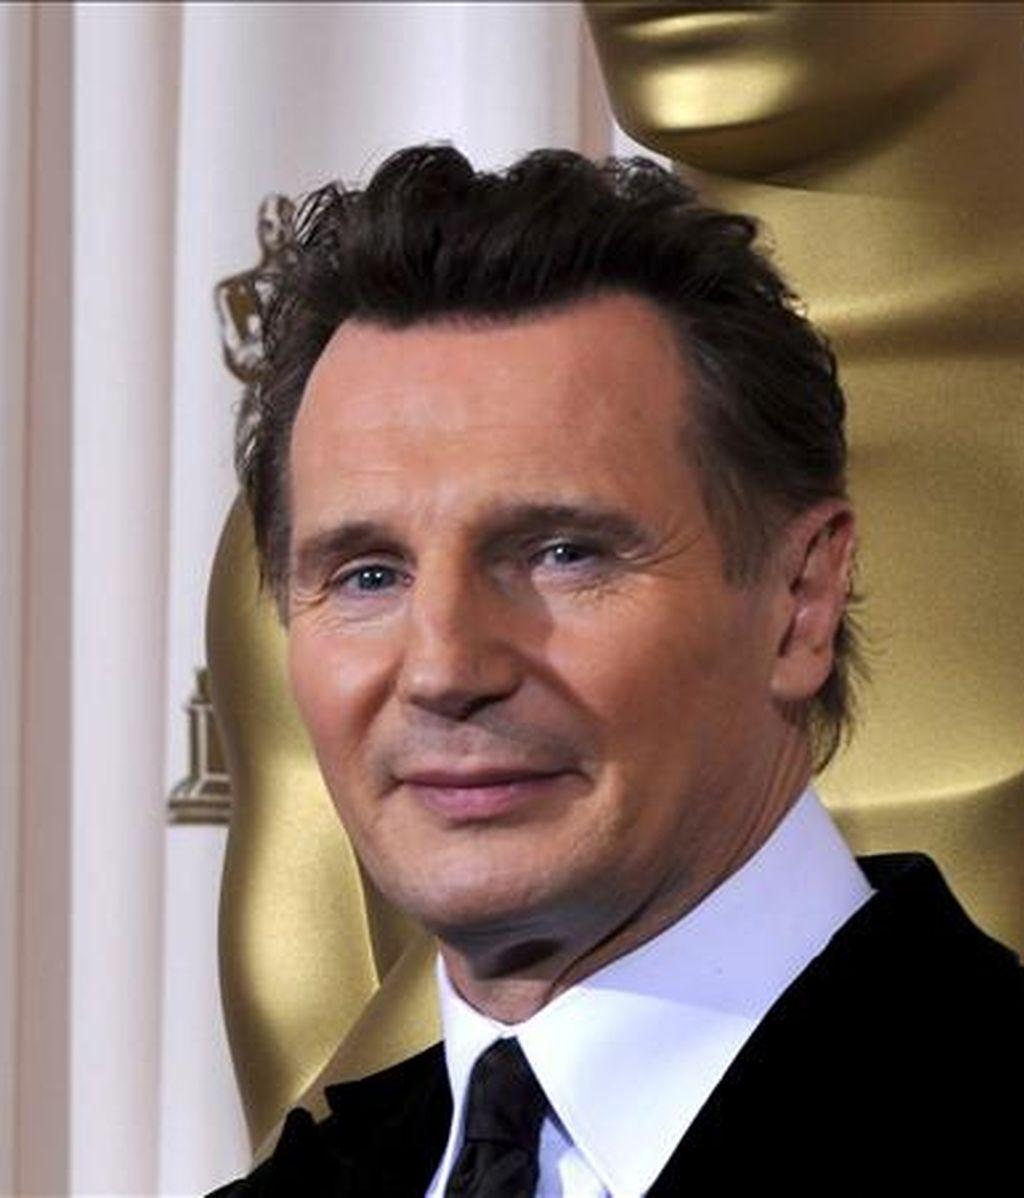 Neeson (en la imagen), de 56 años, tendrá como compañero de reparto al británico  Ralph Fiennes, encargado de encarnar al dios del inframundo Hades. EFE/Archivo